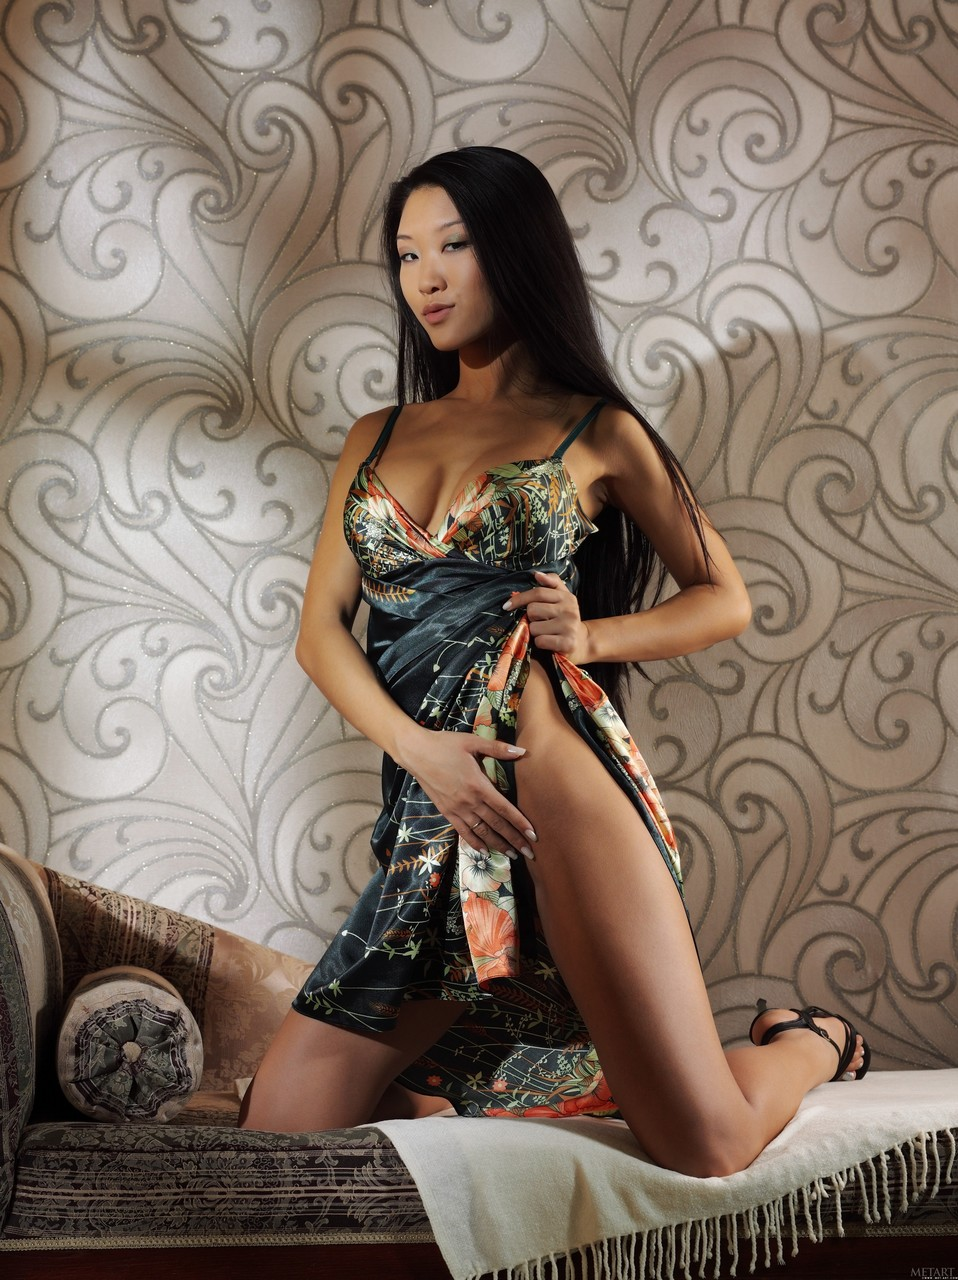 Asiatinnen Pornos. Galerie - 1848. Foto - 5